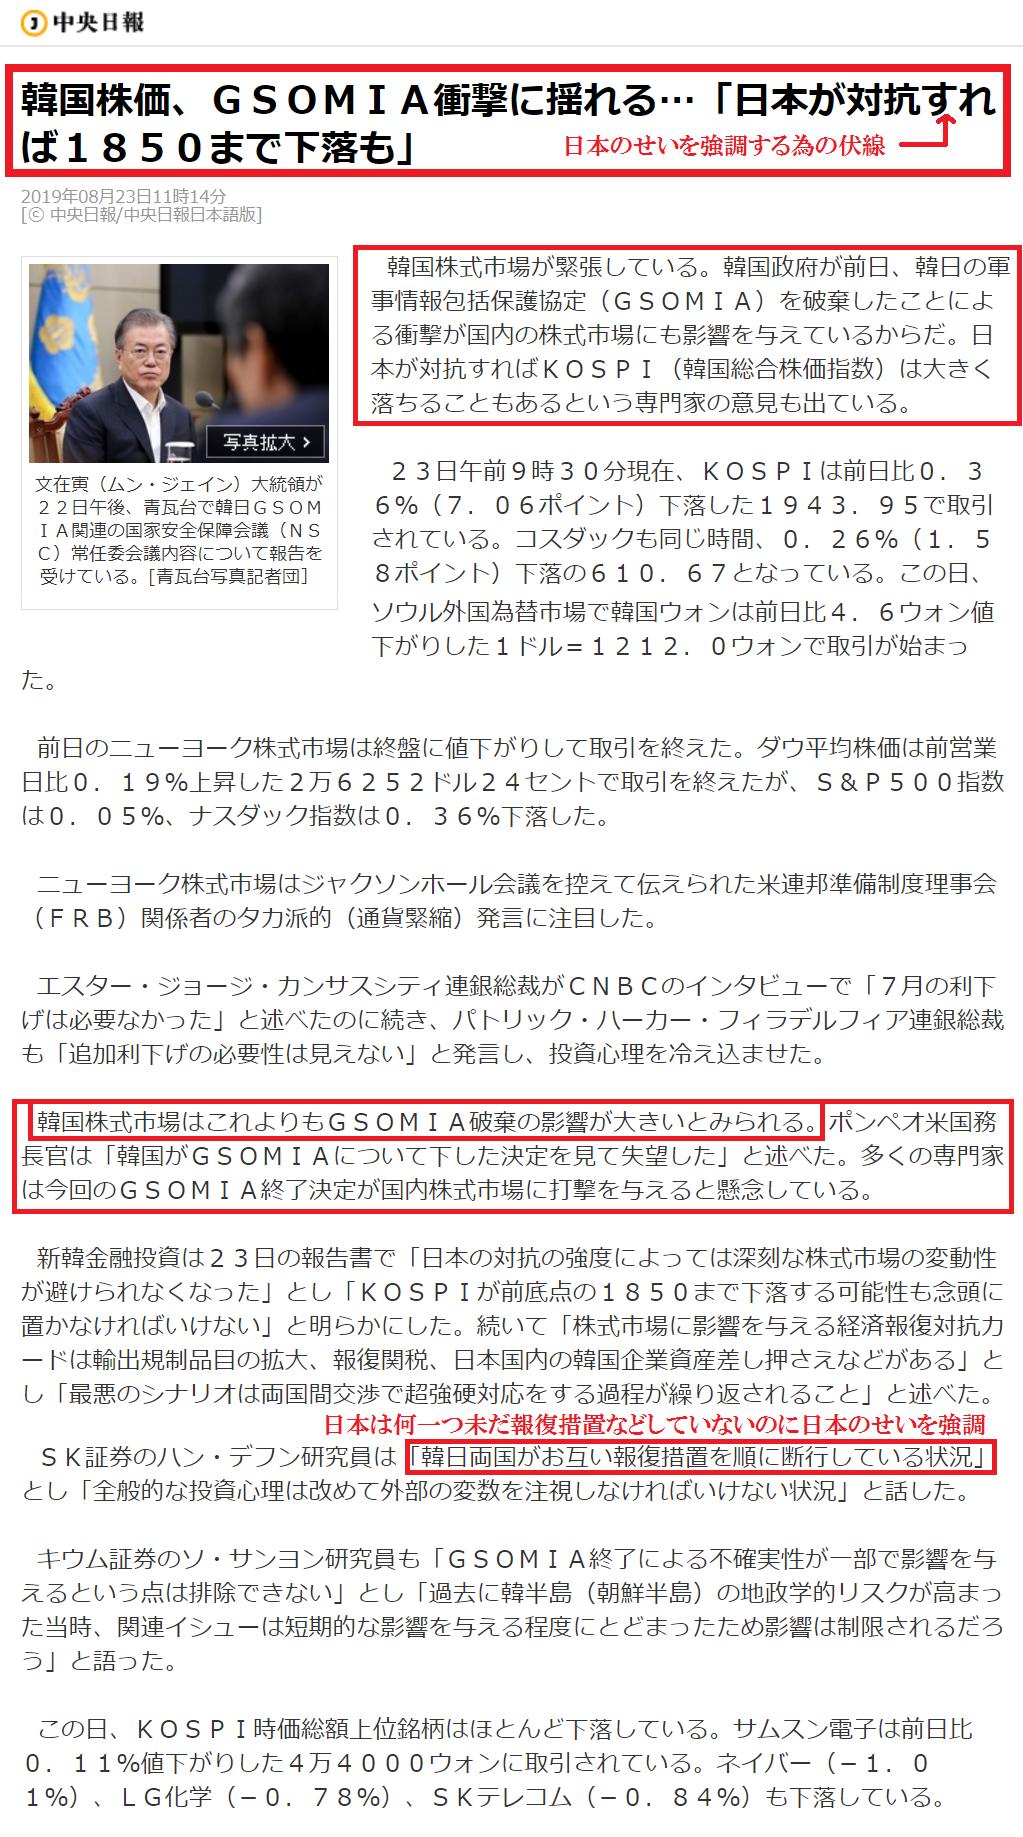 ブンザイ寅の愚策のせいでの株価下落を日本のせいにする朝鮮紙